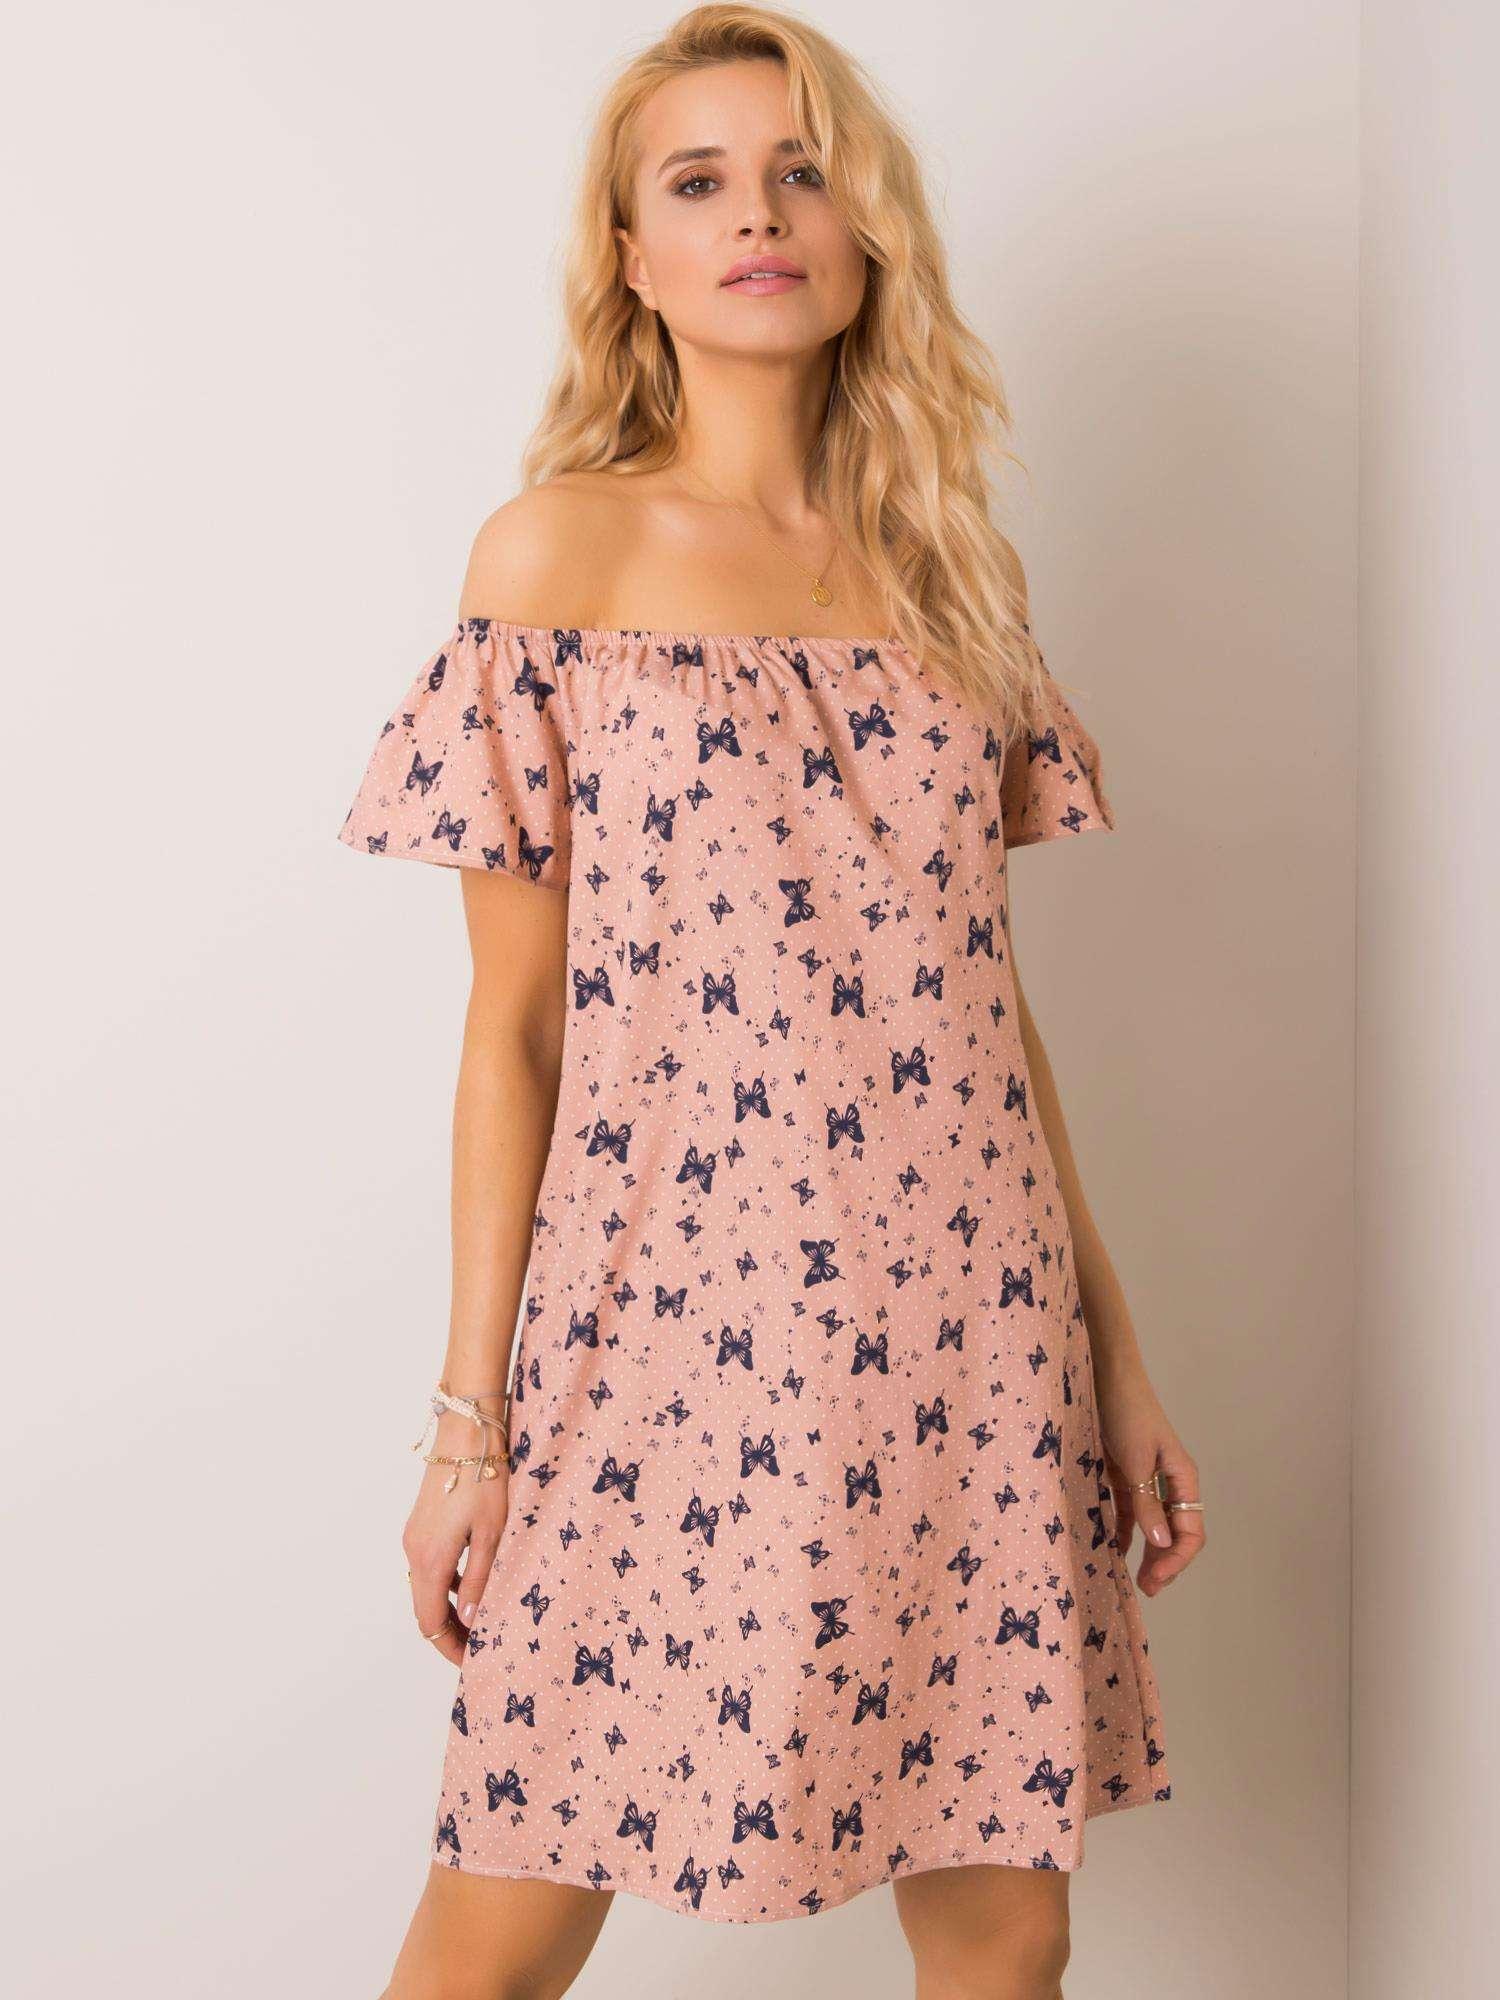 Dámské růžové šaty se vzorem motýlů 53-SK-9909.59-pink Velikost: L